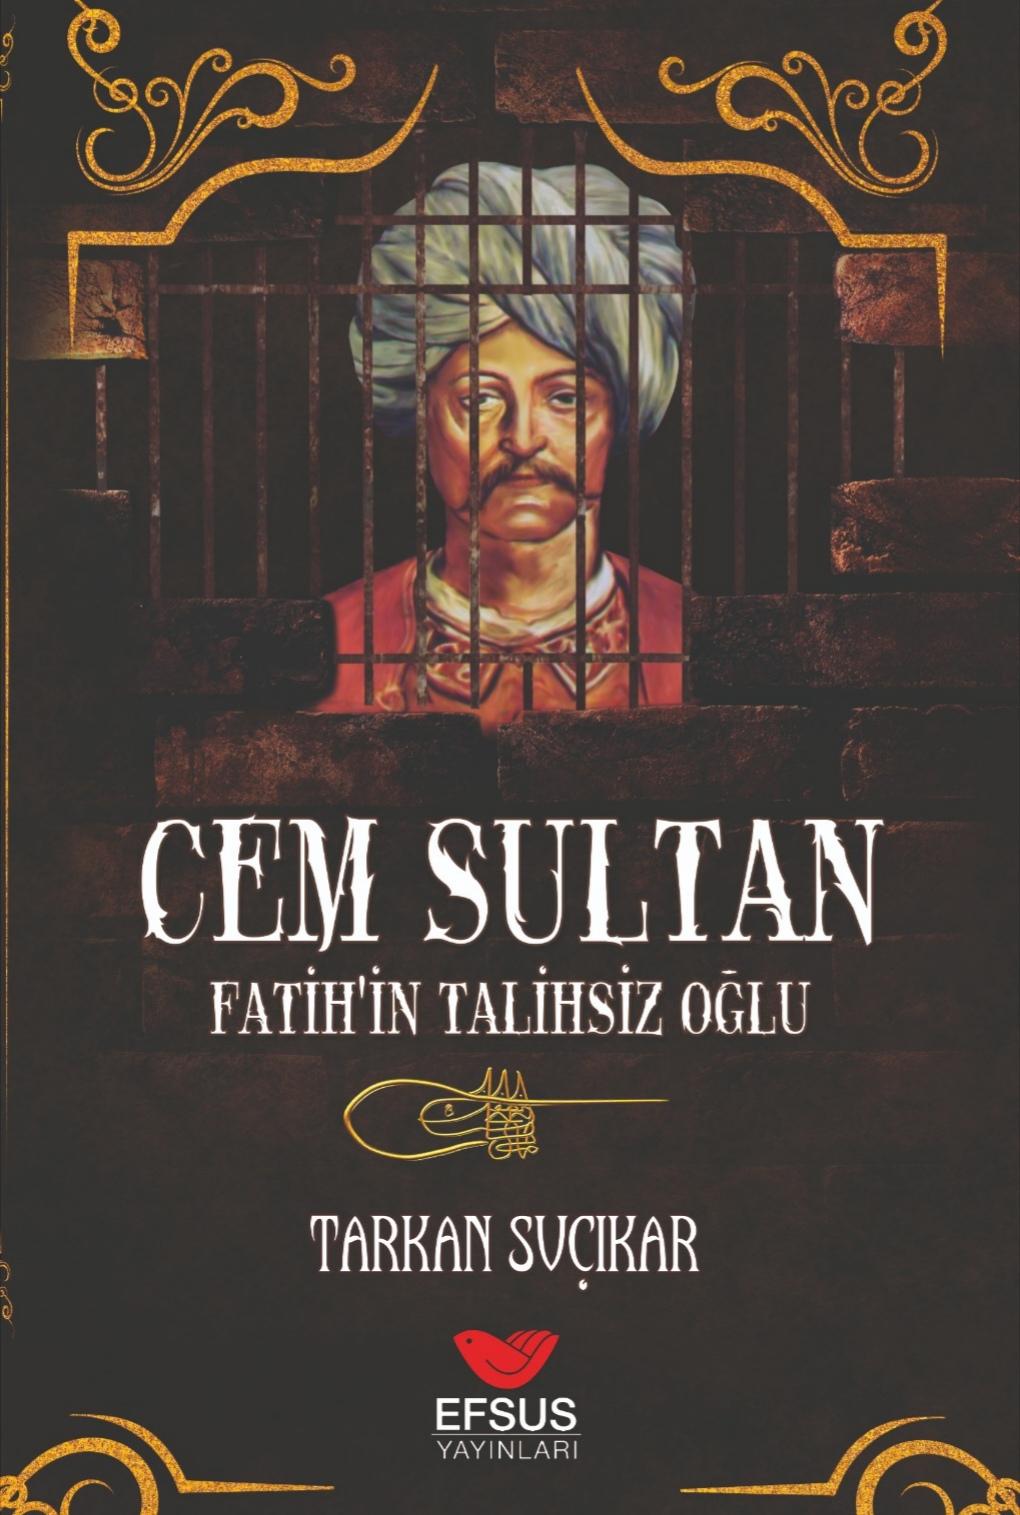 CEM SULTAN Fatih'in Talihsiz Oğlu